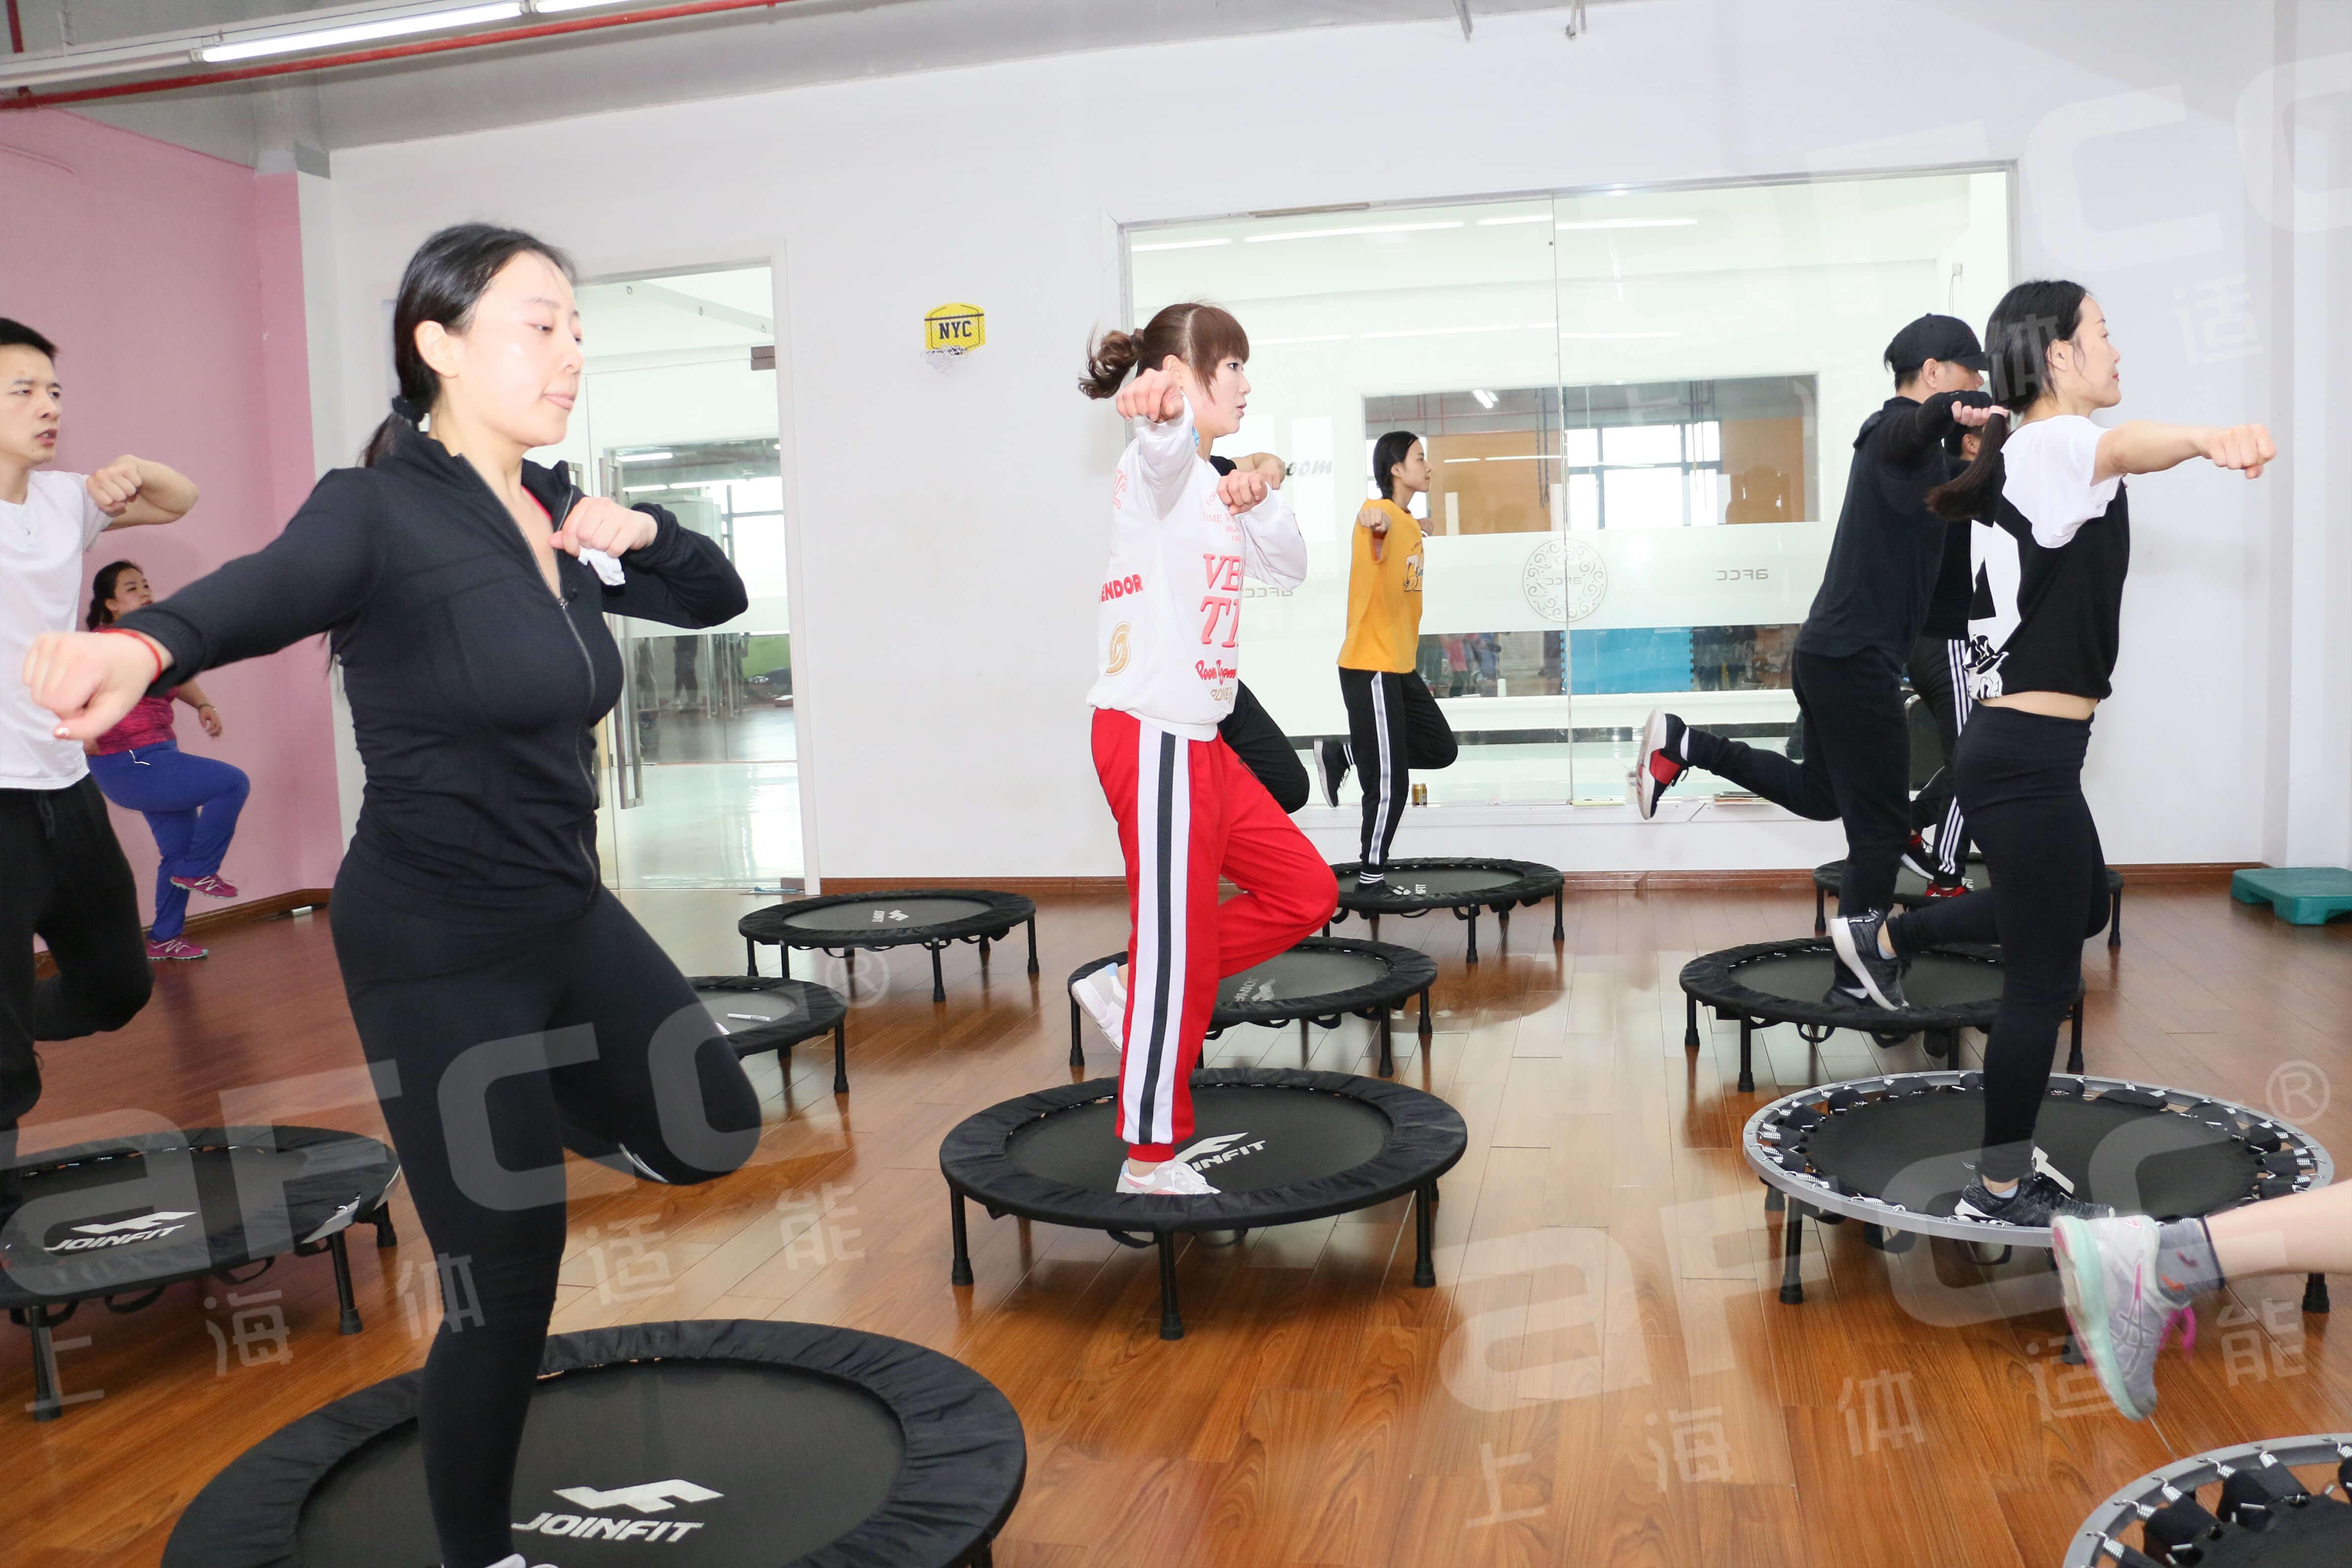 蹦床课程动作简单有效而且相当有趣,深受俱乐部会员的喜爱